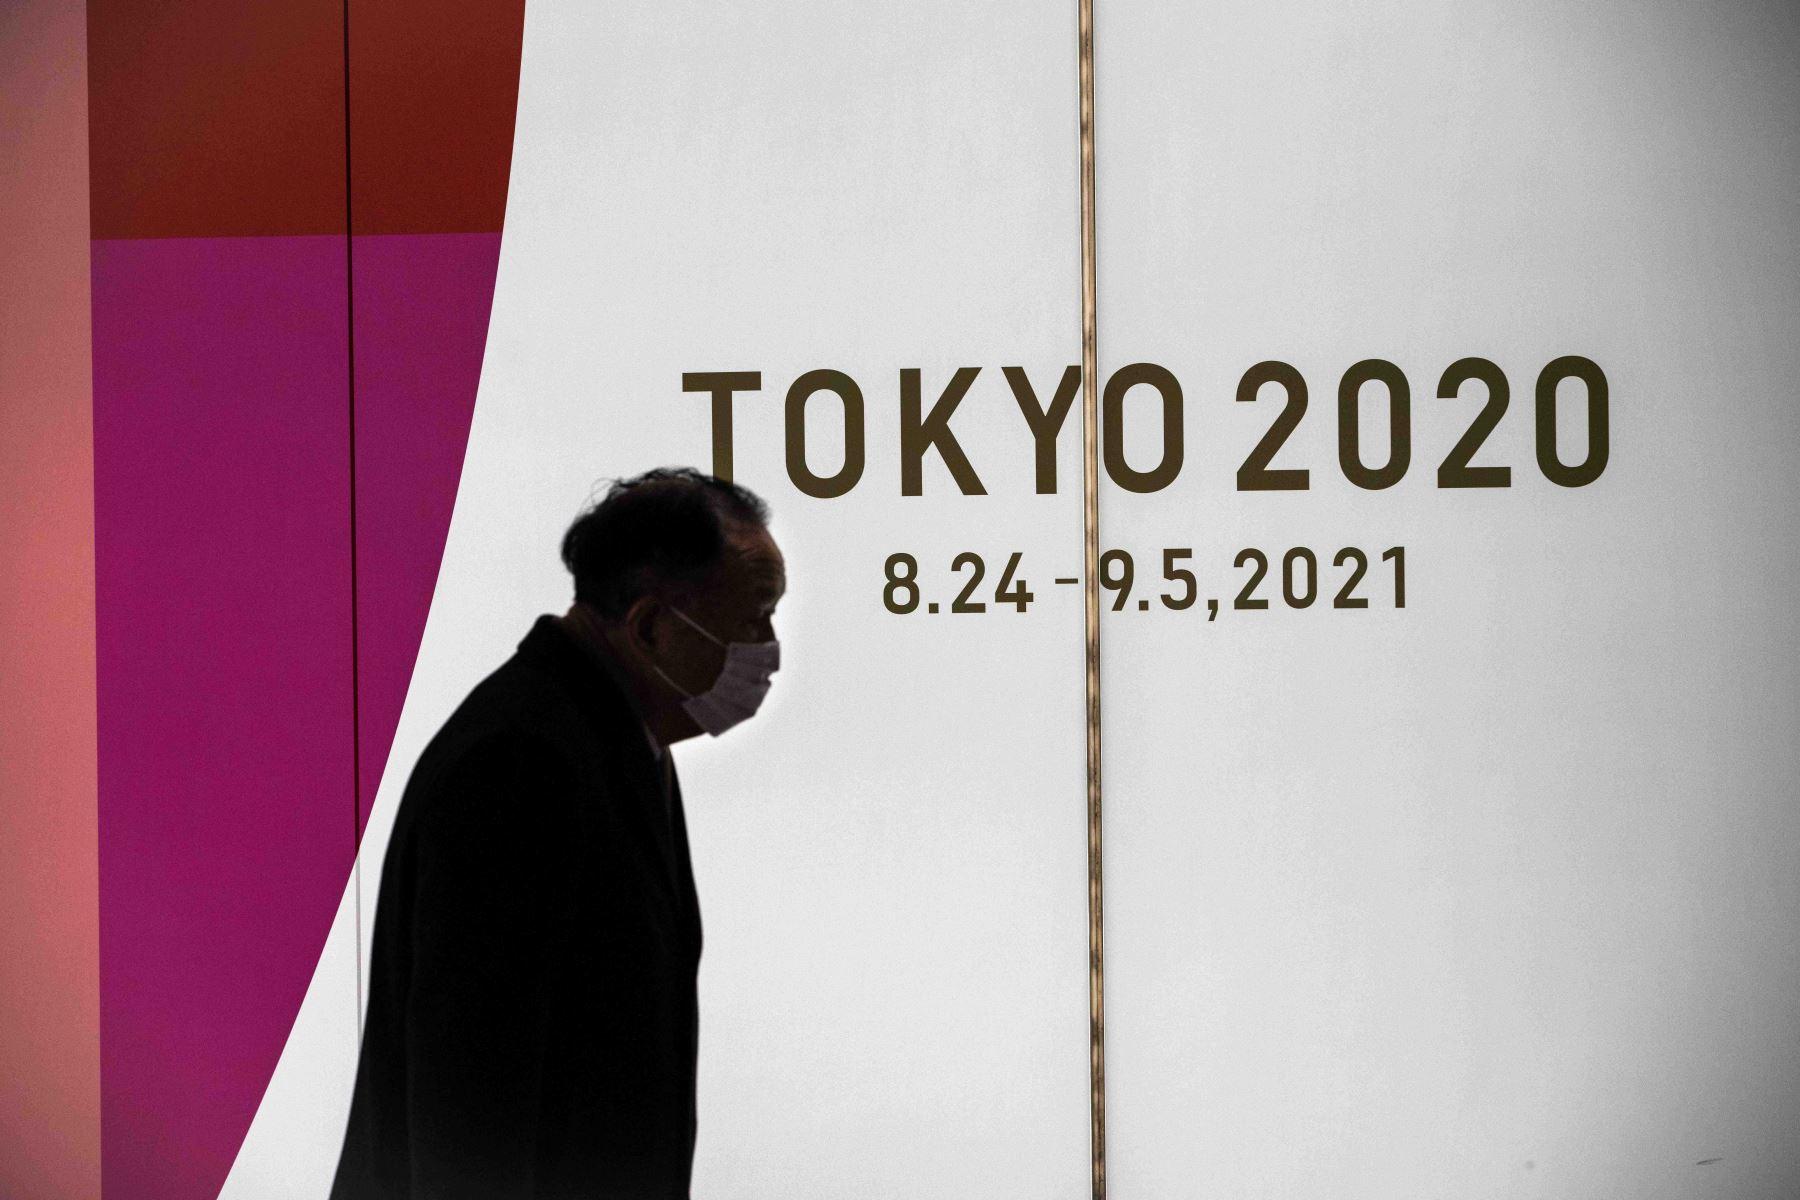 Los Juegos Olímpicos Tokio 2020 previstos para este verano, pero puestos en duda por rumores sobre su posible cancelación, van camino a convertirse en los más caros de la historia. Foto: AFP